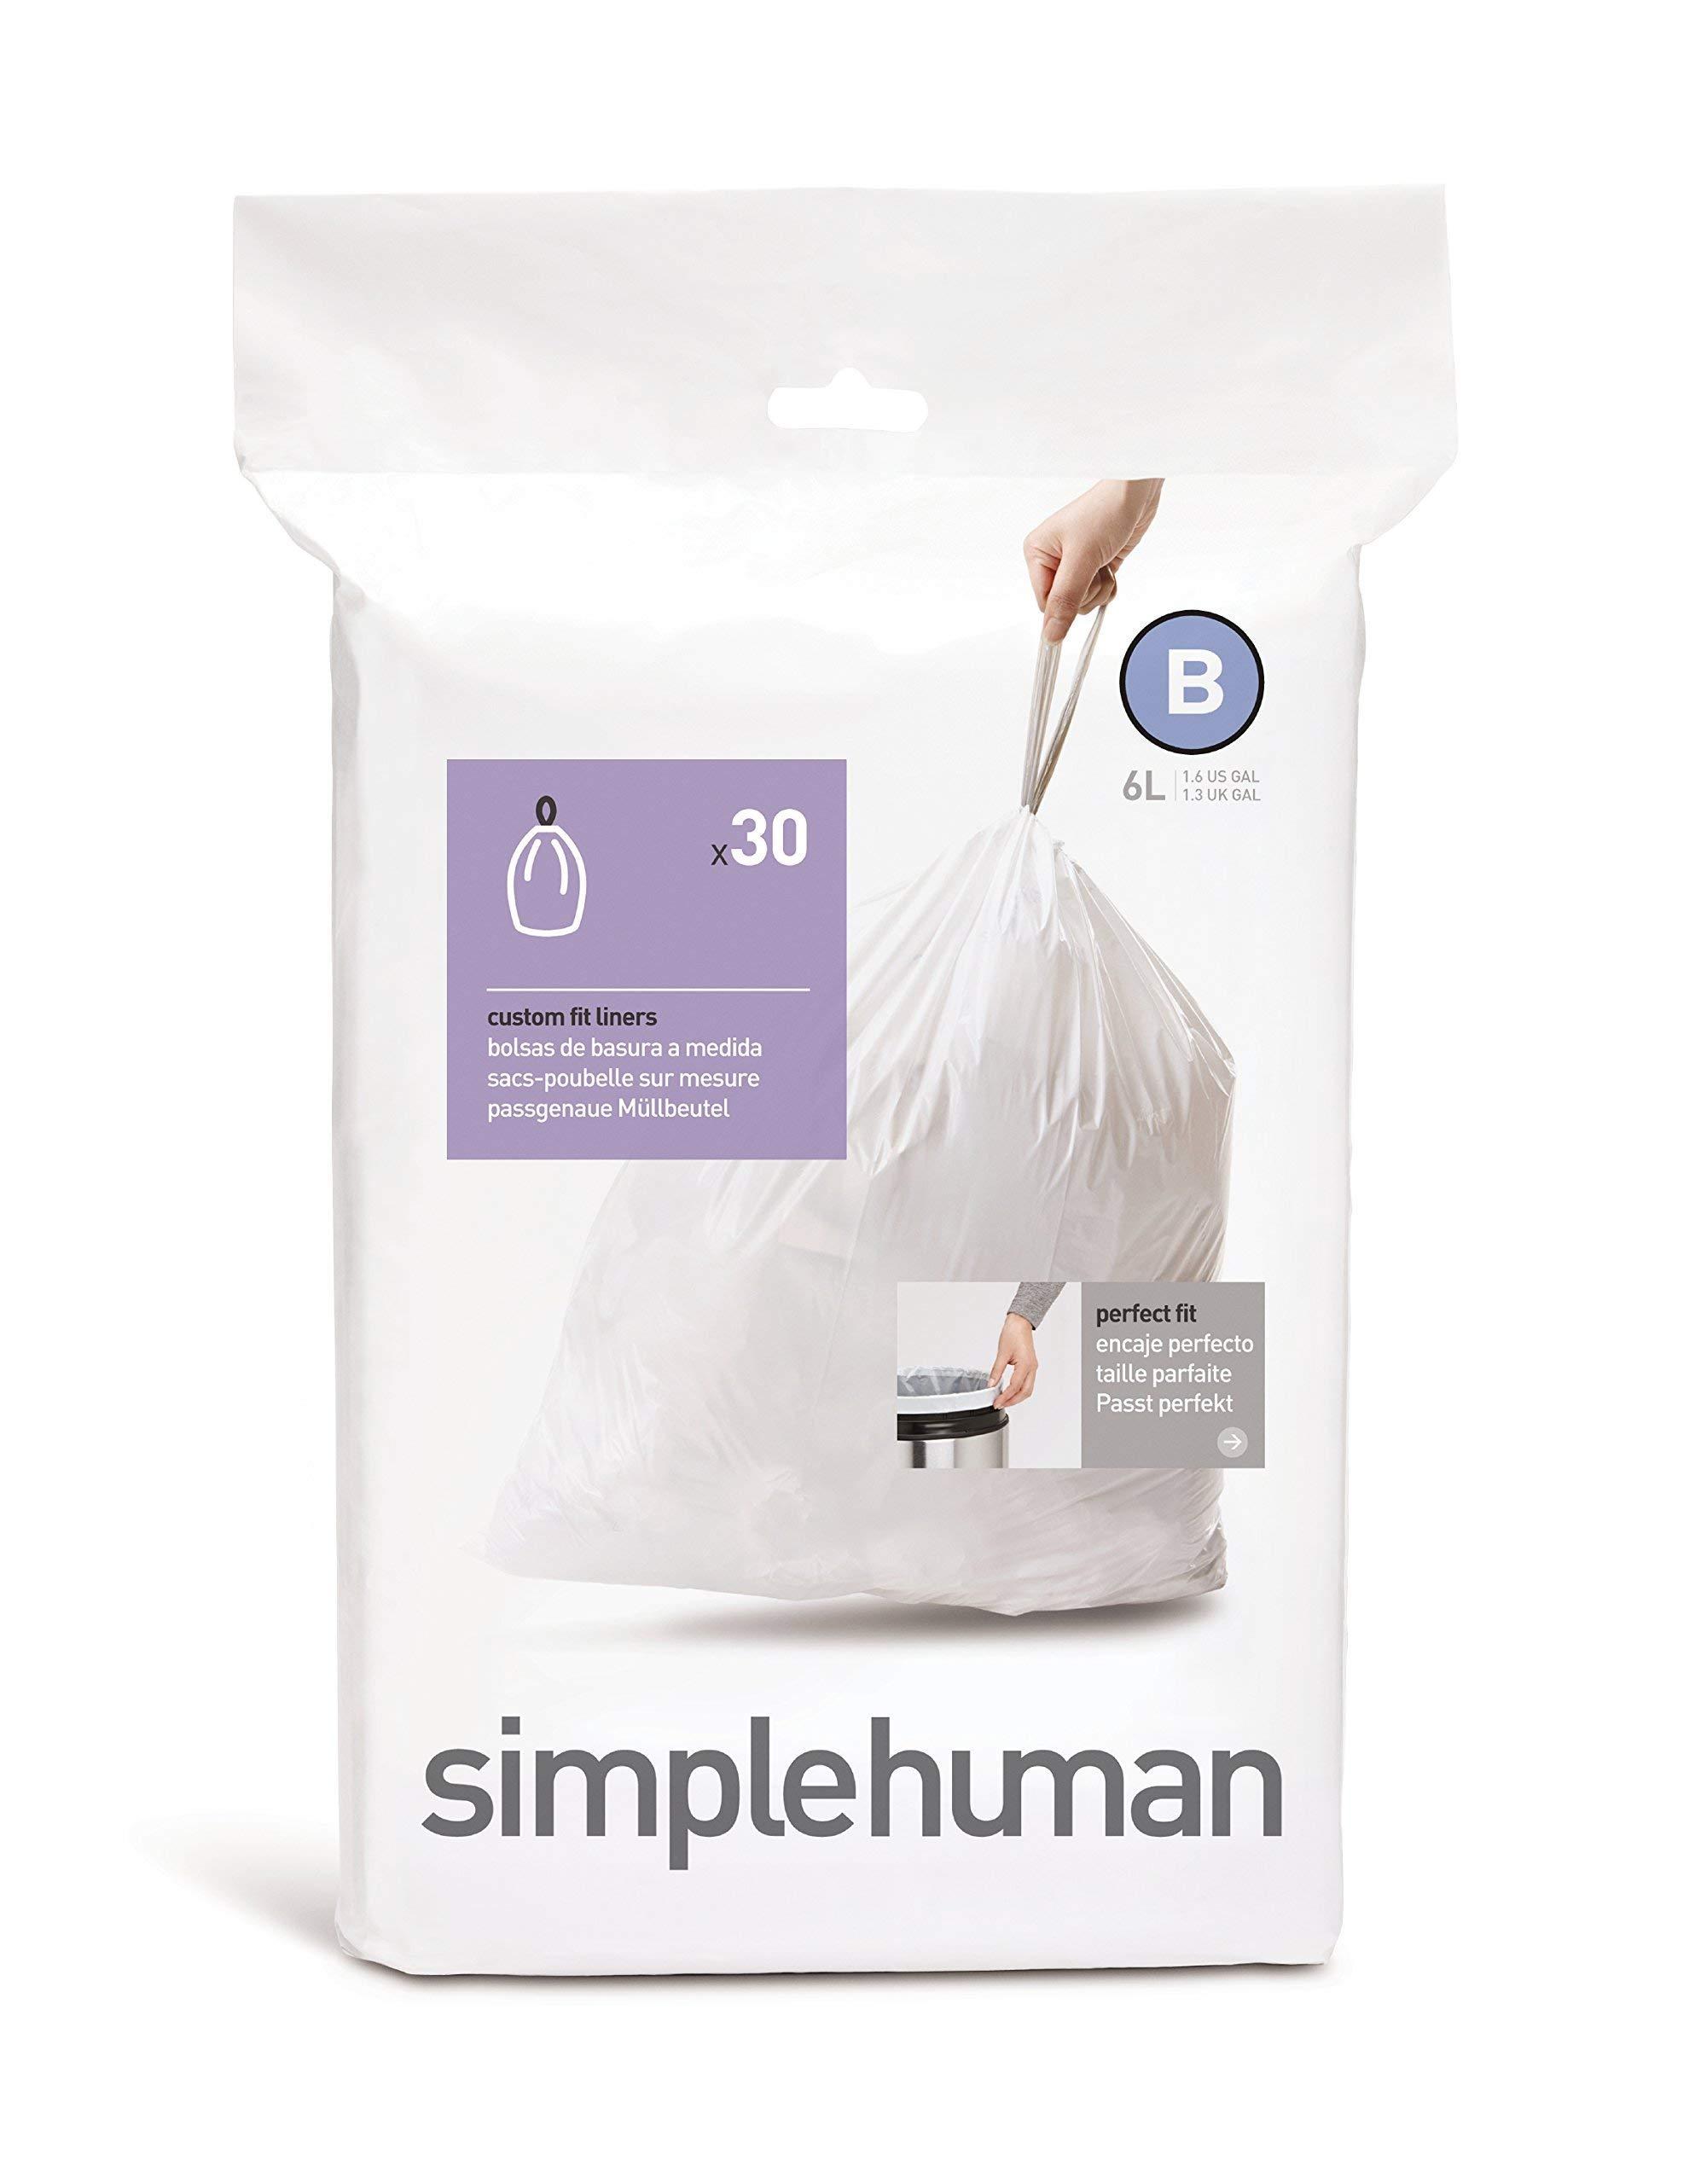 simplehuman CW0161 - Bolsa para Cubo de Basura product image